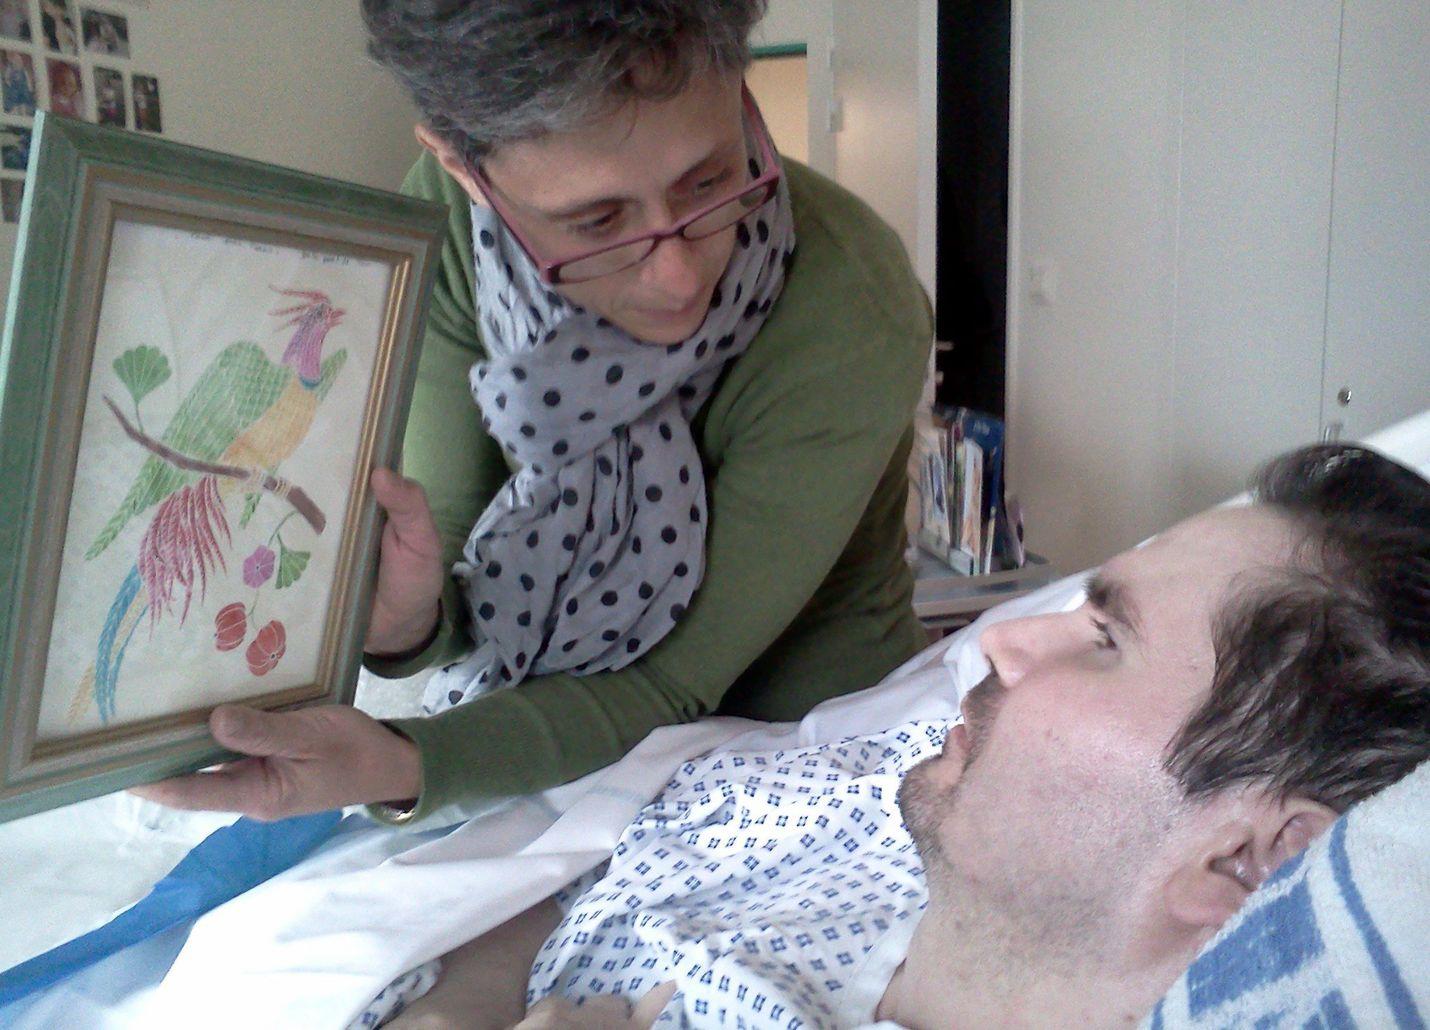 Vincent Lambert halvaantui täysin moottoripyöräonnettomuudessa vuonna 2008. Hänen äitinsä Viviane Lambert vastustaa elämää ylläpitävän hoidon lopettamista pojaltaan. Äiti ja poika kuvattiin sairaalassa Reimsissa heinäkuussa 2013.